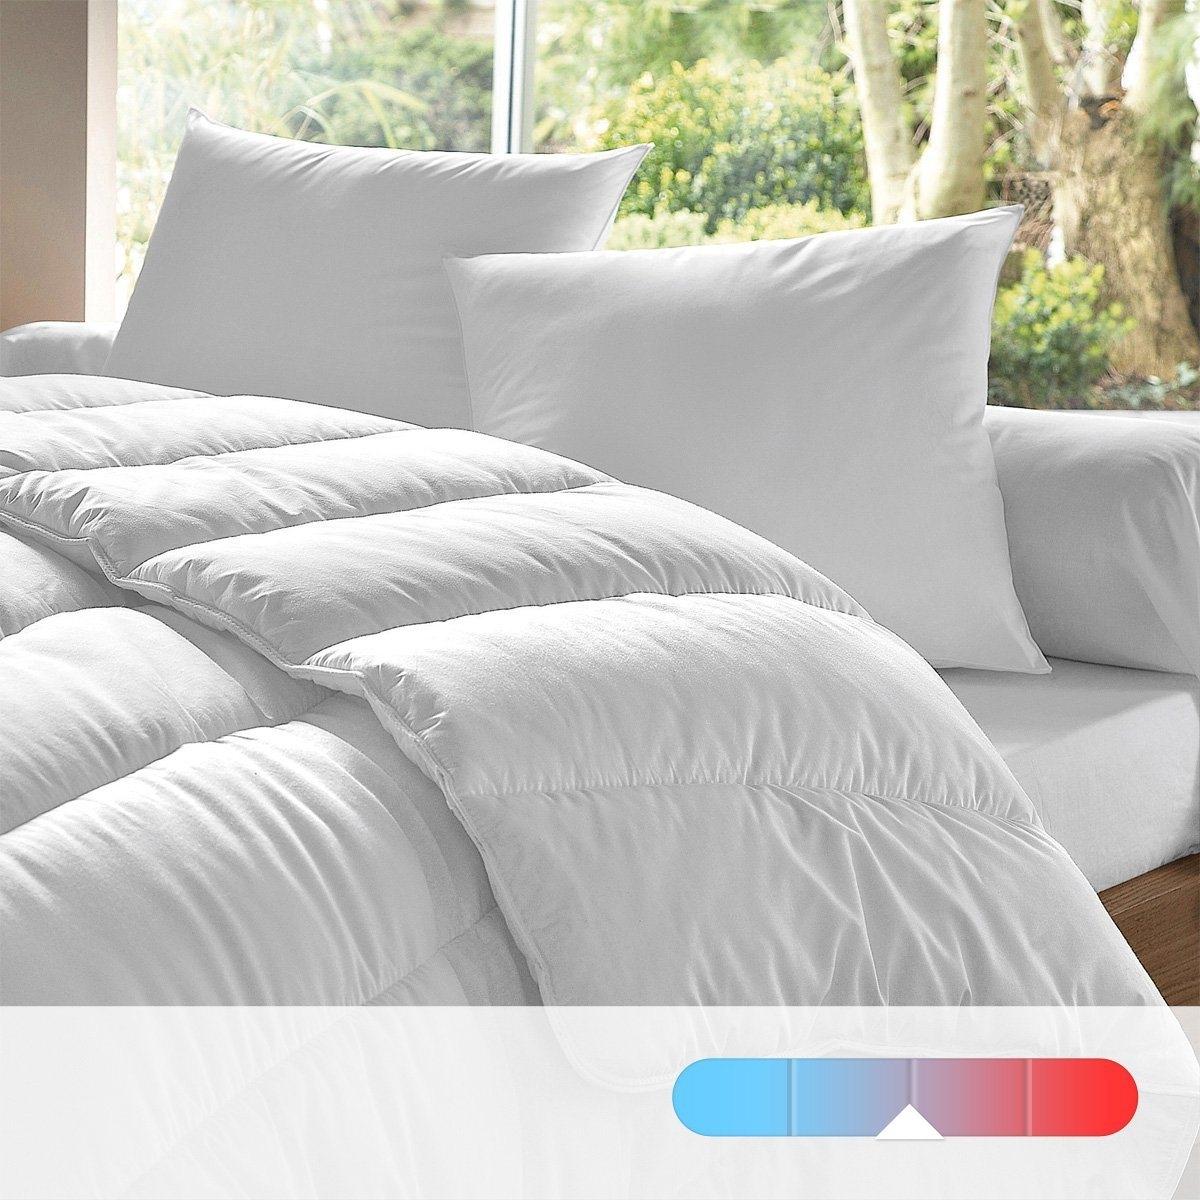 где купить  Одеяло из синтетики, 300 г/м²  по лучшей цене